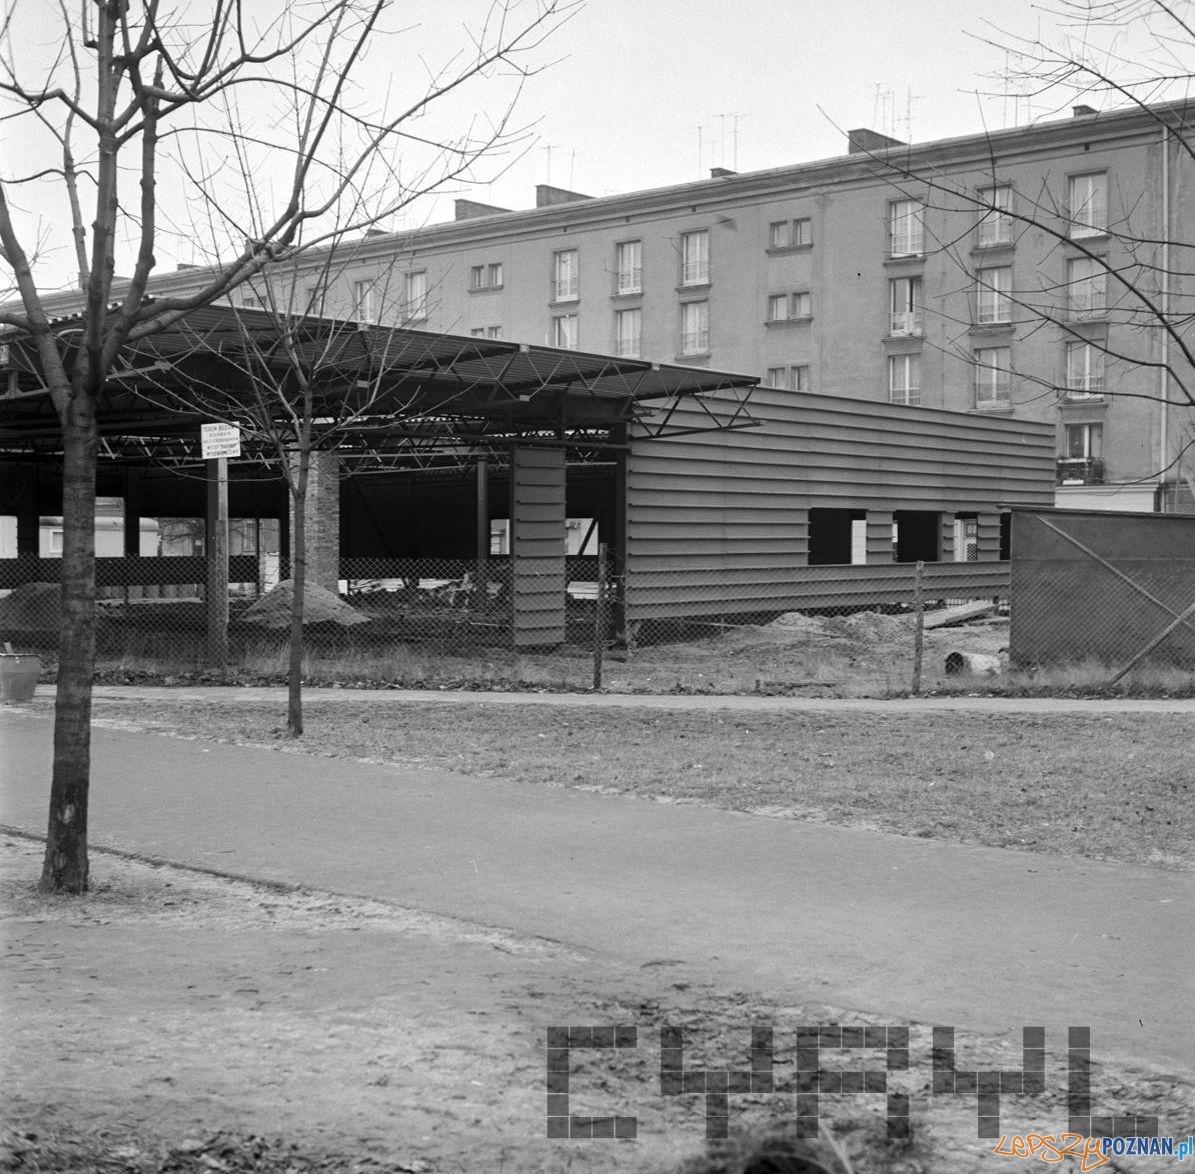 Dębiec - budowa baru Giermek [21.01.1974] - dziś mieści się tam Biedronka  Foto: Stanisław Wiktor / Cyryl